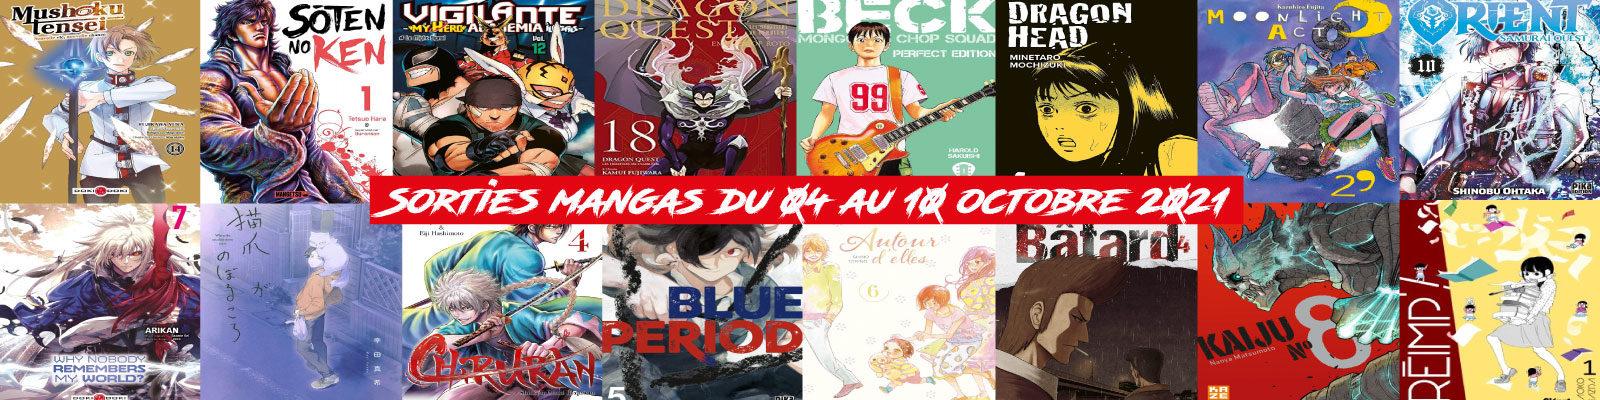 sorties mangas-0410